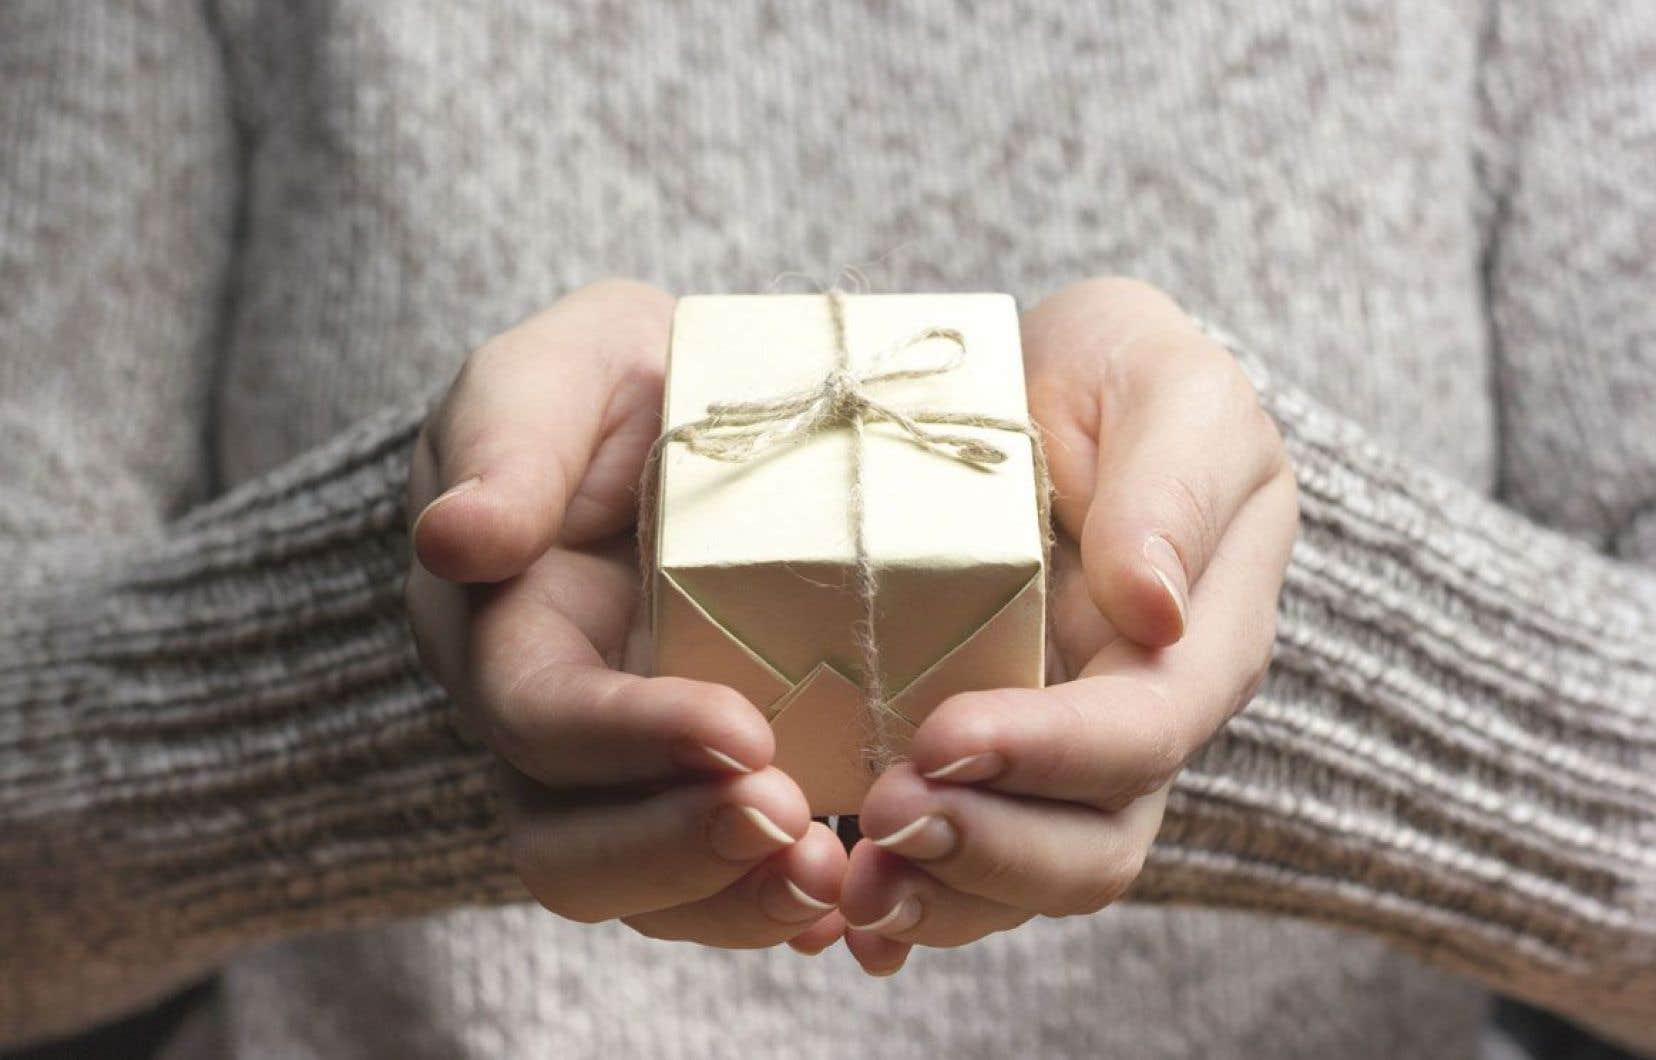 Phénomène commun à toutes les sociétés et à toutes les époques, le don appelle ce que Marcel Mauss appelle un «contre-don». On dit aussi rendre la politesse.